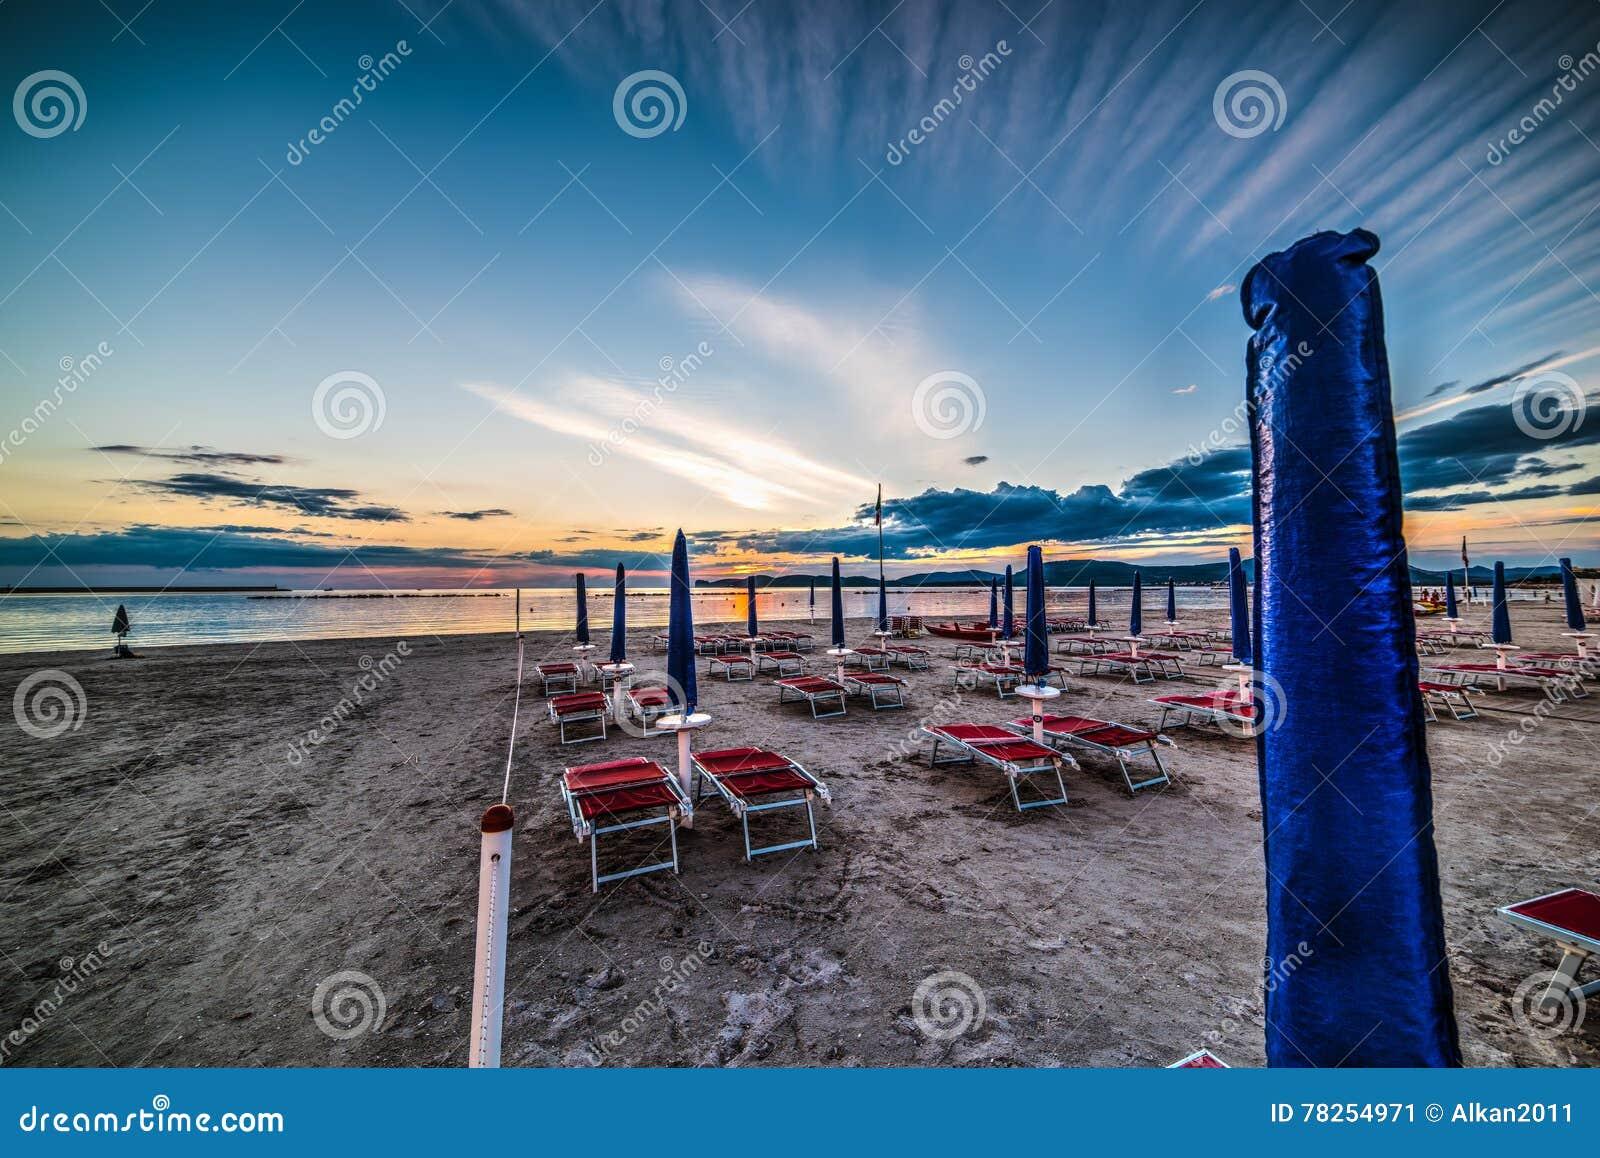 Έδρες και parasol θαλασσίως στο ηλιοβασίλεμα